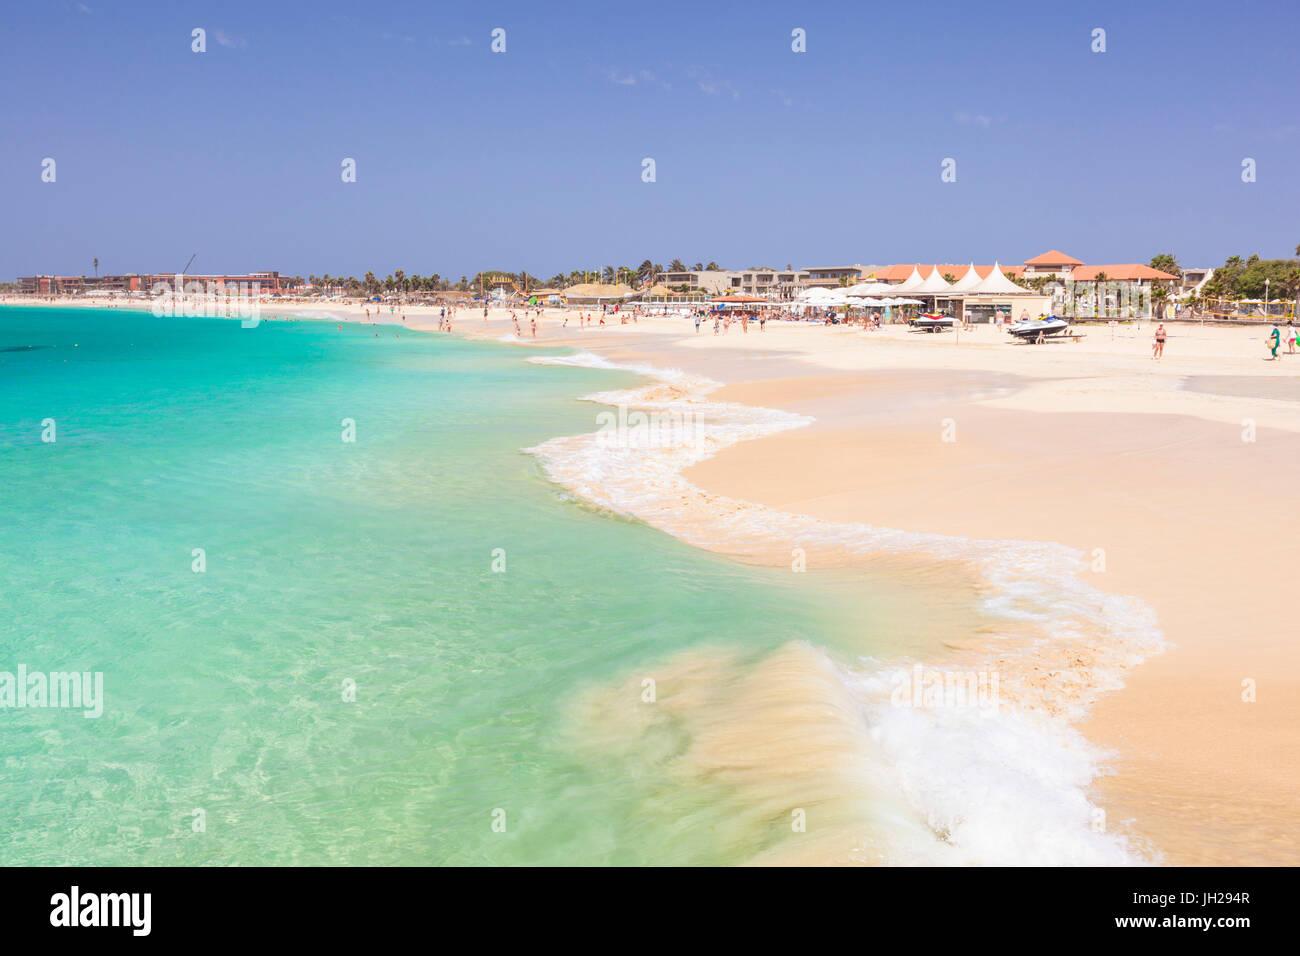 Wellen brechen sich am Strand in Santa Maria, Praia de Santa Maria, Baia de Santa Maria, Insel Sal, Kap Verde, Atlantik Stockbild